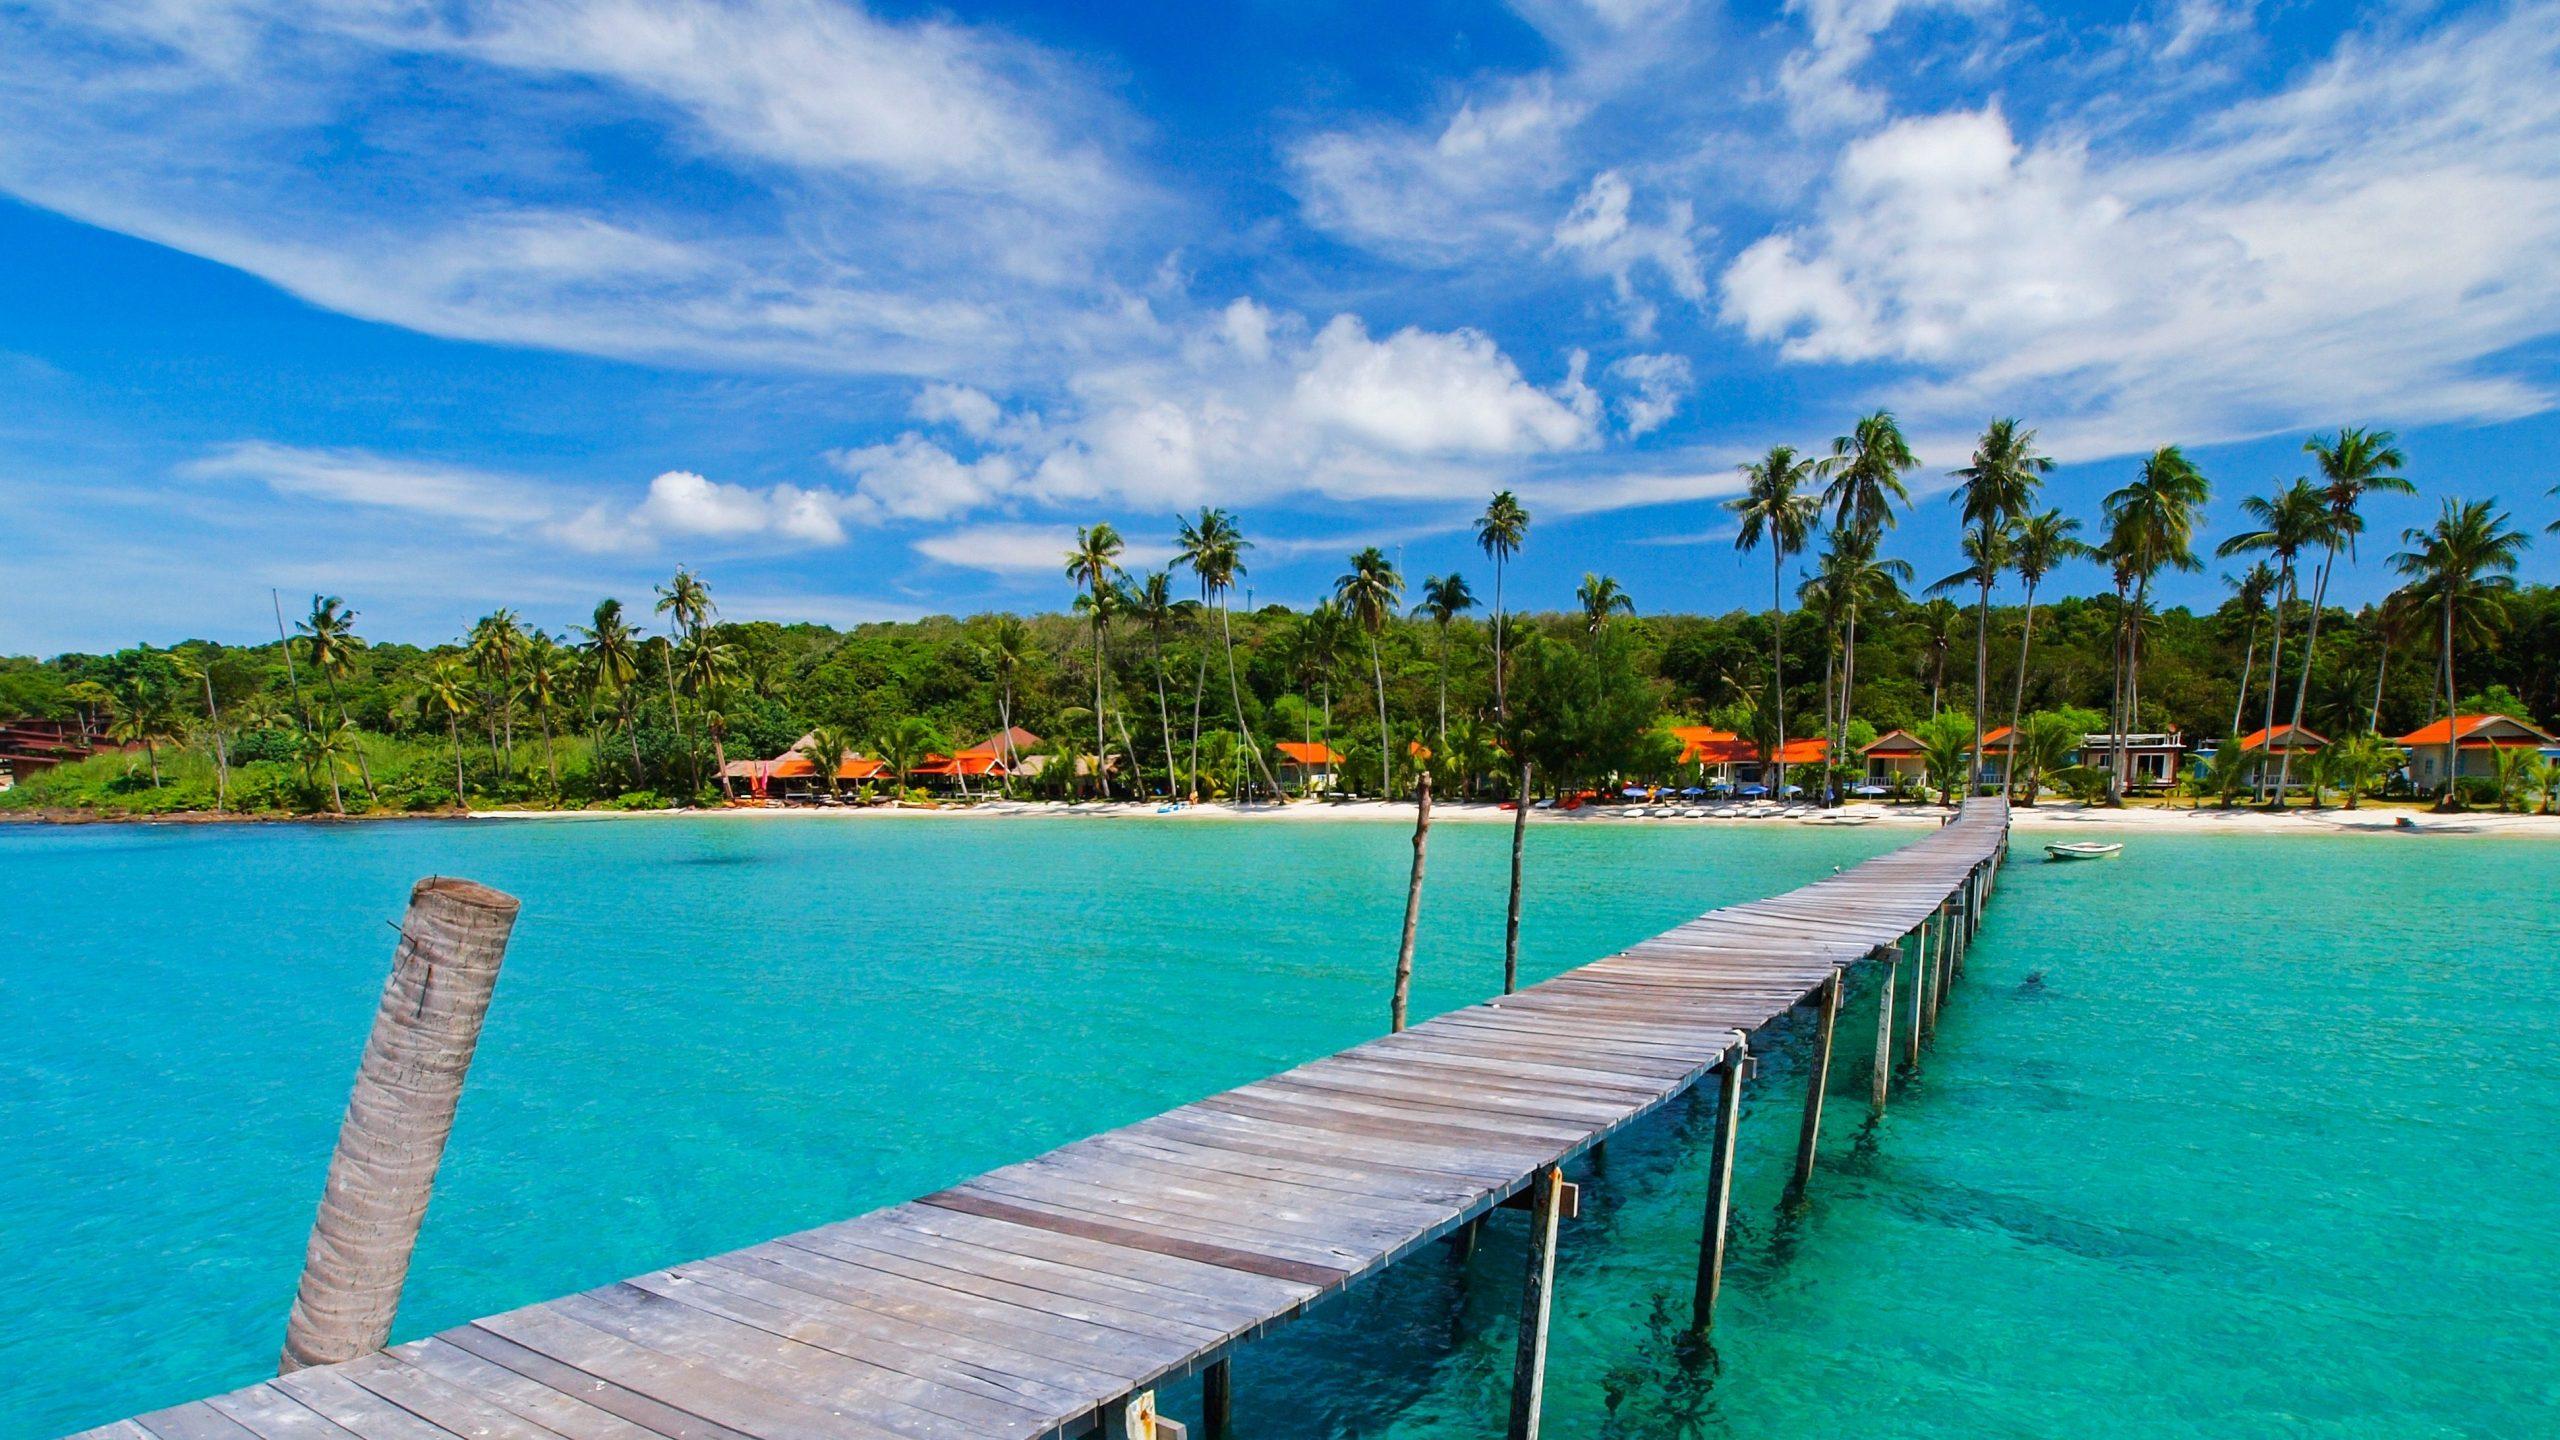 plage thailande écotourisme